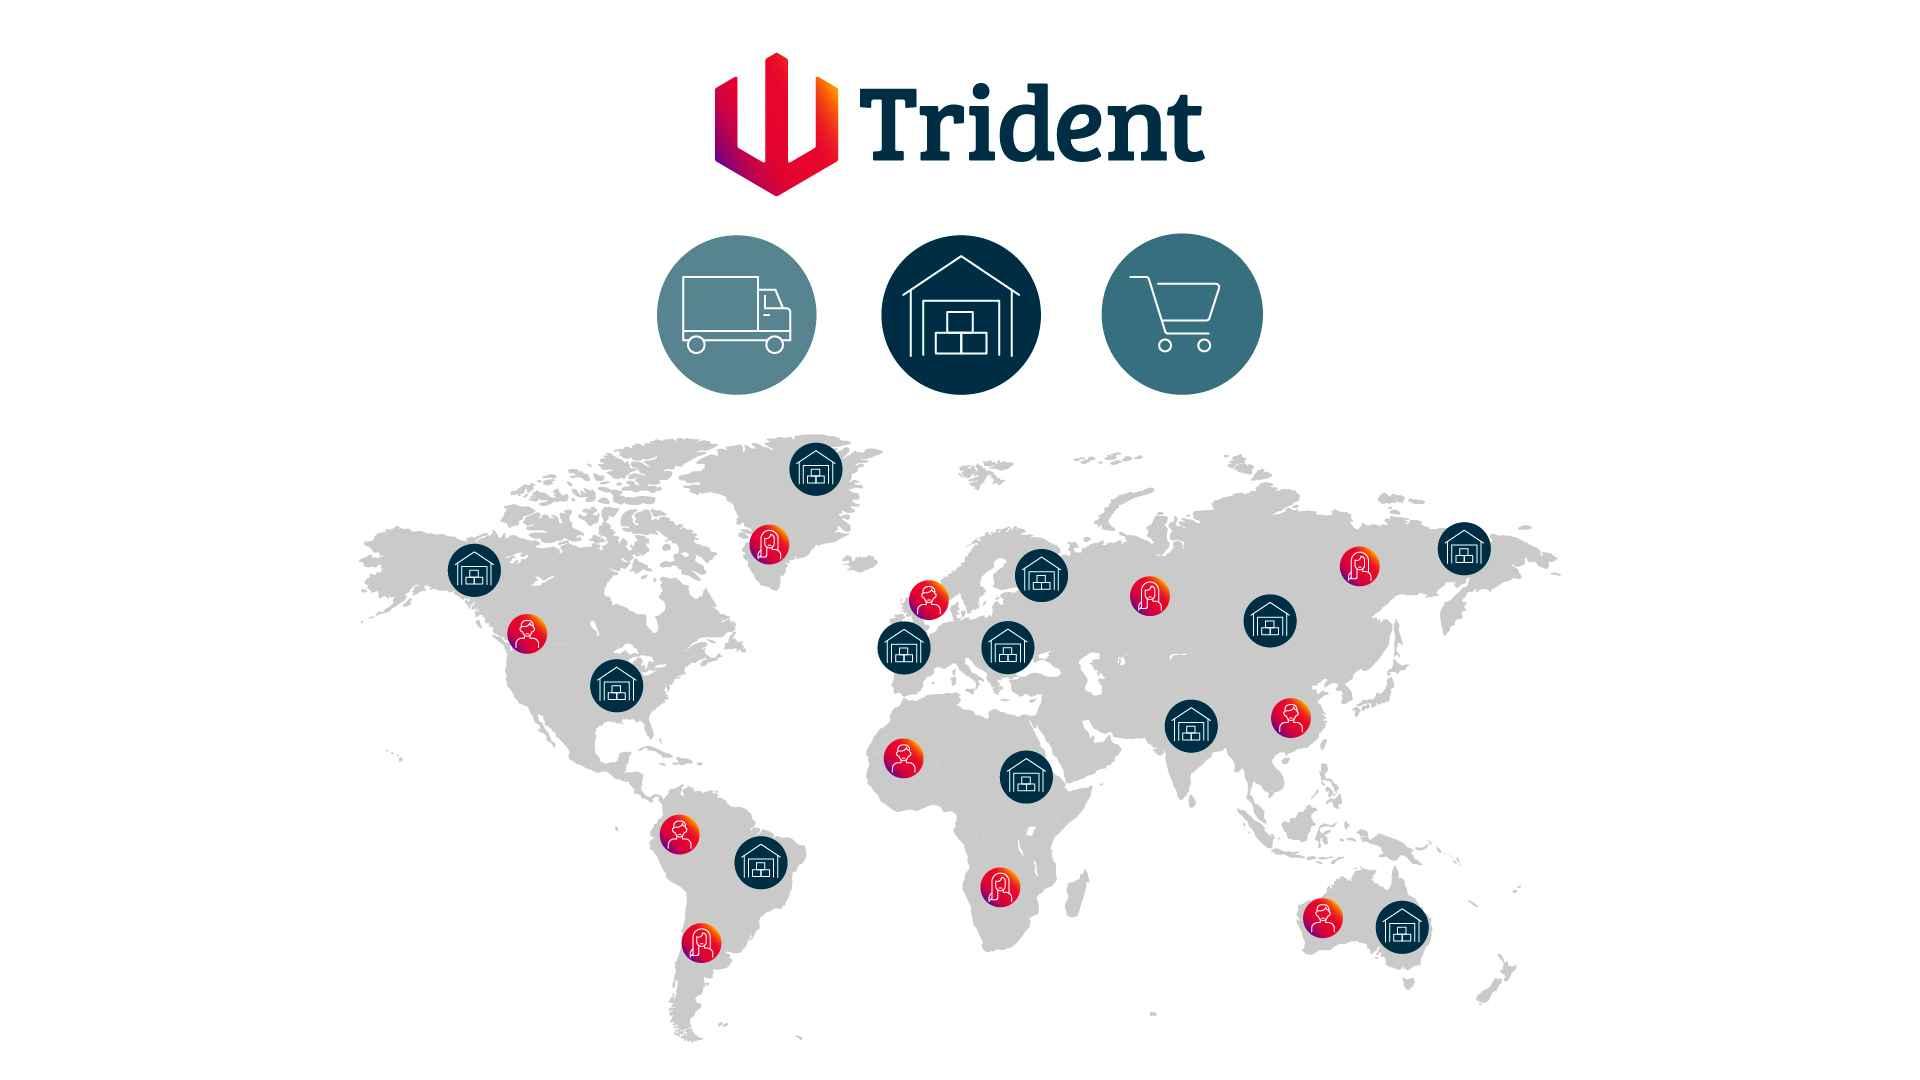 Trident platform in IT Video